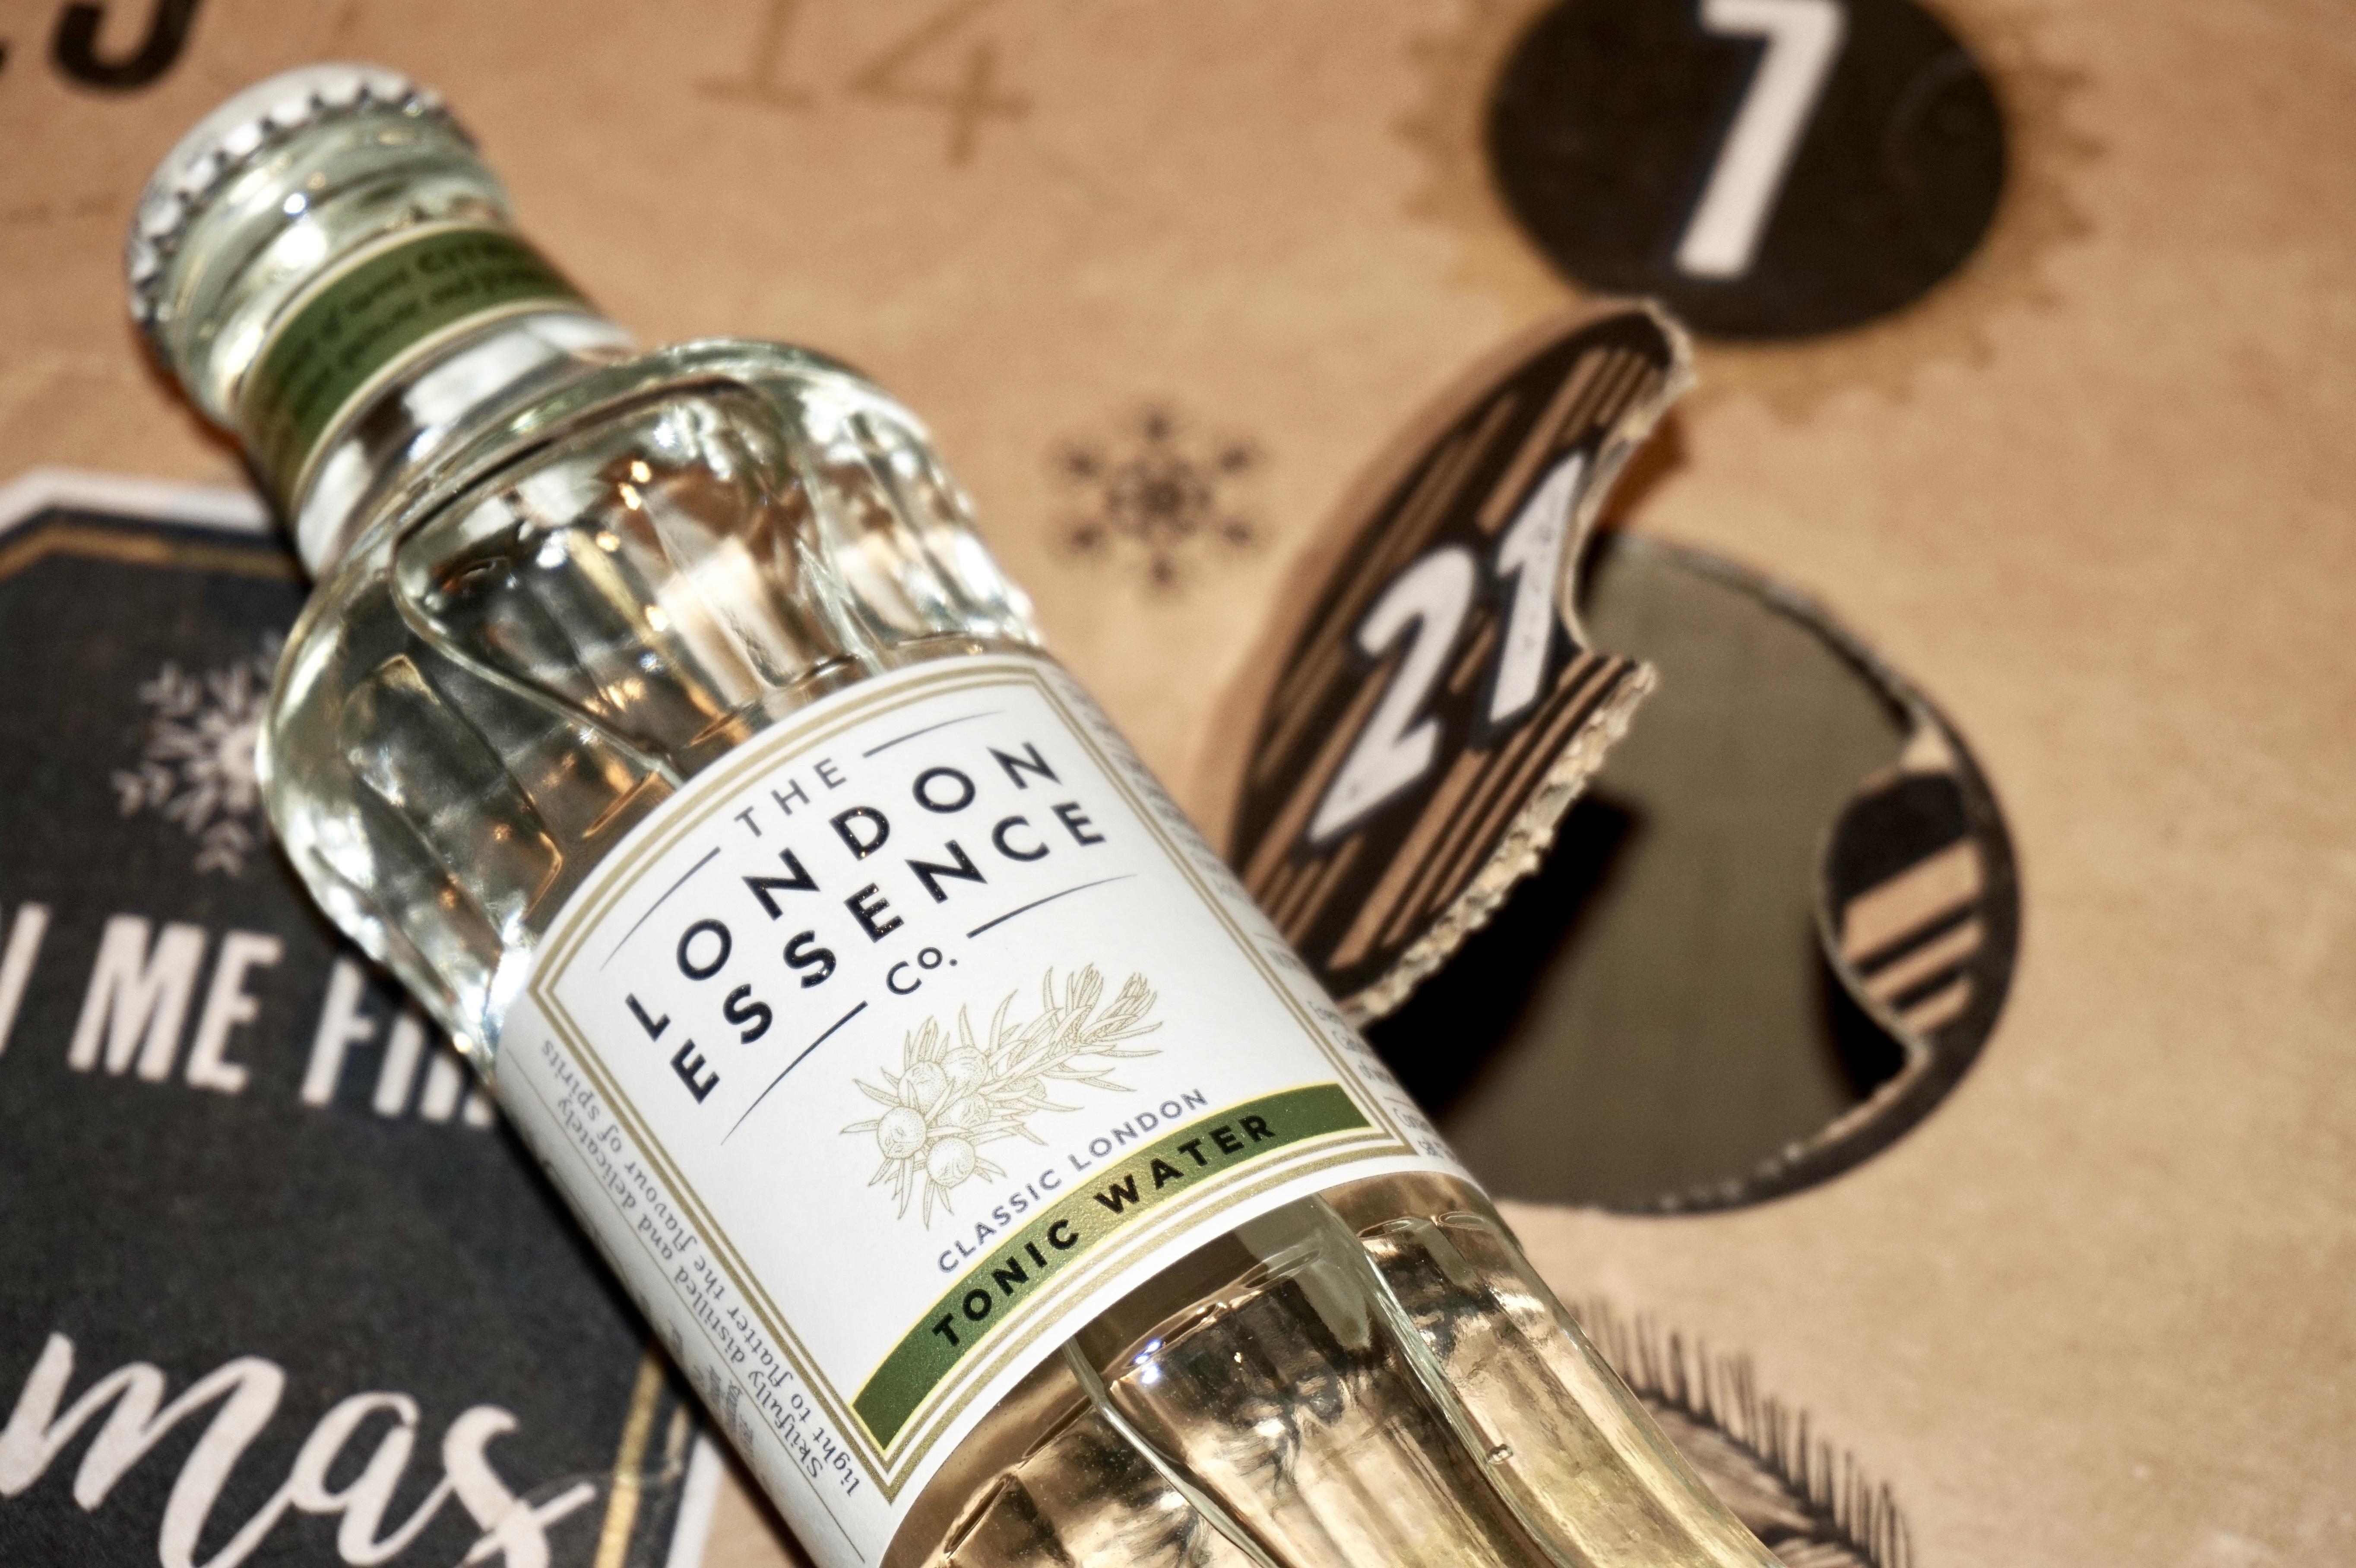 door 21 gin advent calendar